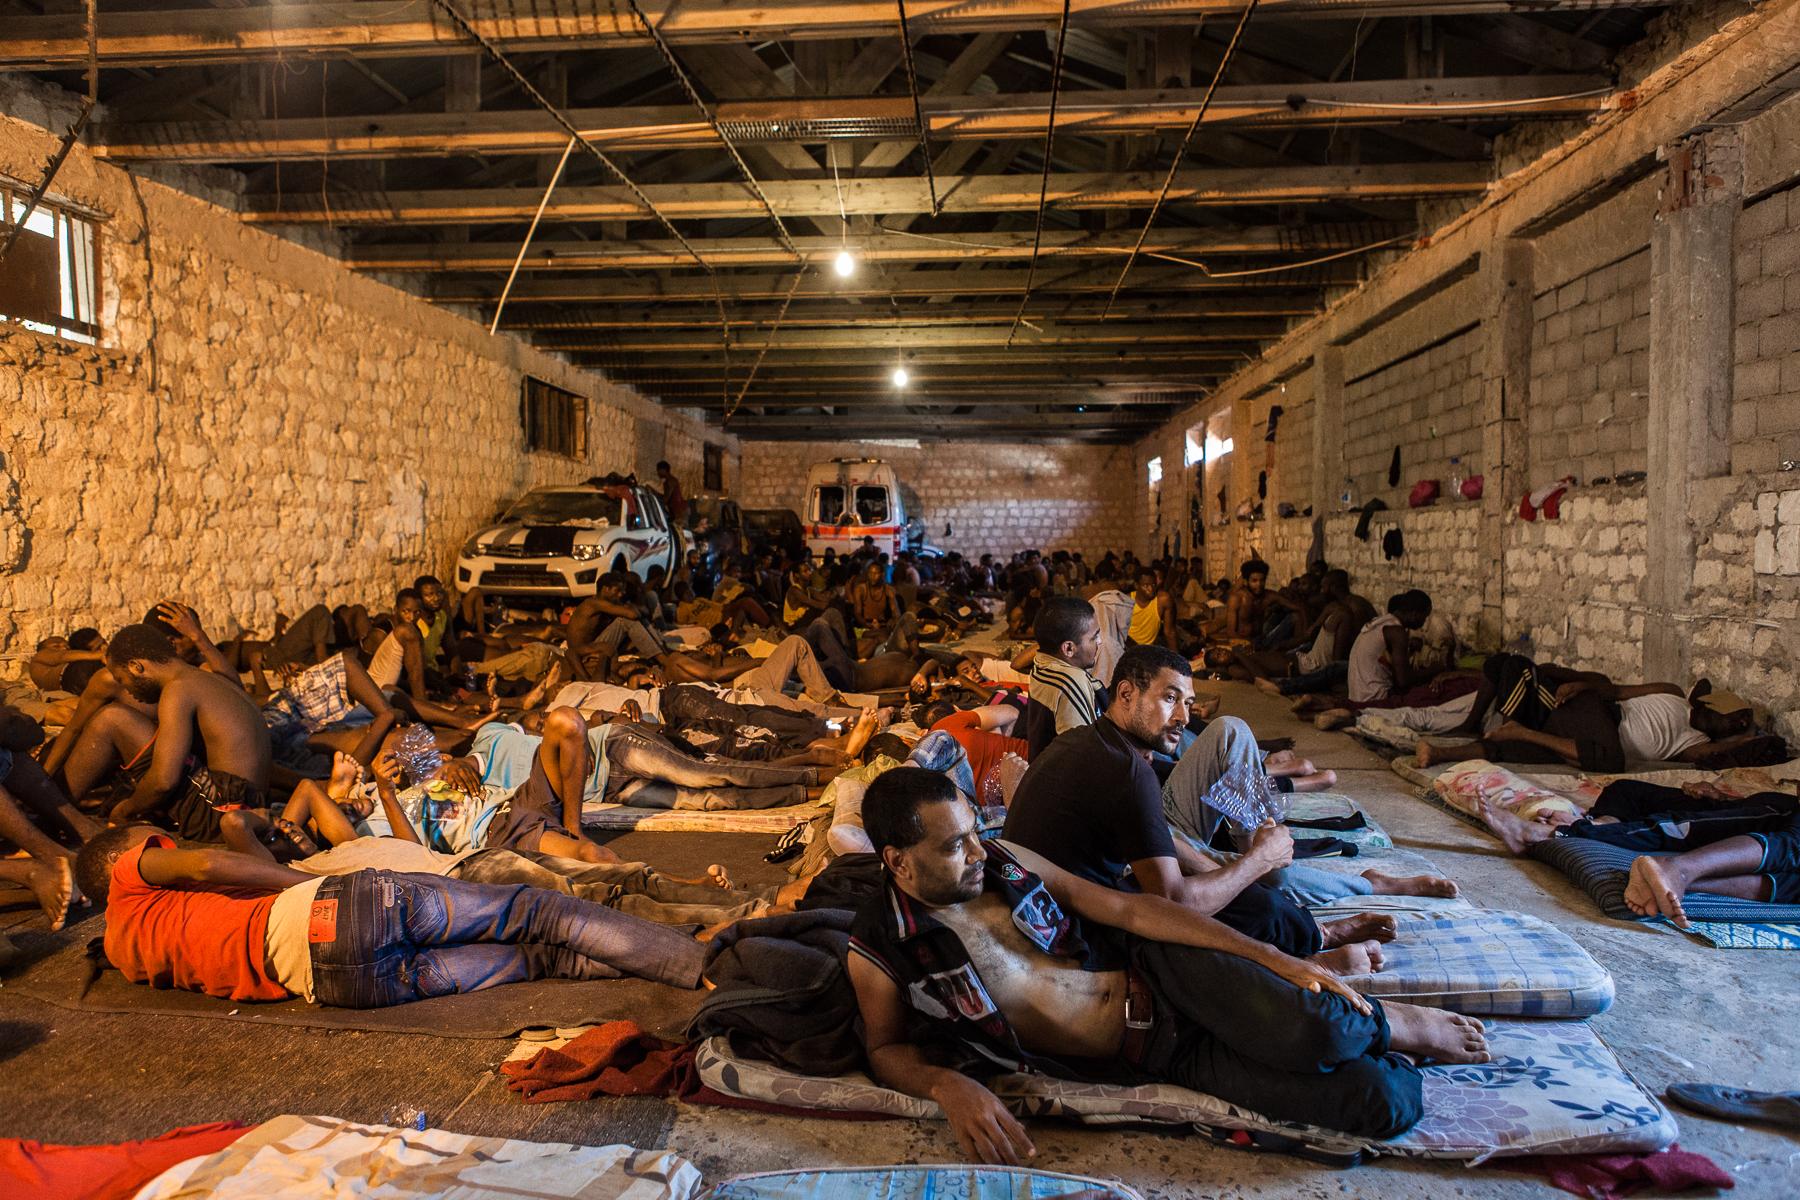 Tripoli, le 8 Juillet 2015. Centre de détention pour migrants illégaux dans le quartier général du département de lutte contre la migration illégale. Le gouvernement de Fajr Libya, installé à Tripoli, est en recherche de reconnaissance de la part de la communauté internationale. Conscients que les conditions de vie dans les camps sont difficiles, ils demandent de l'aide financière et logistique à l'occident pour réussir à gérer la migration illégale transitant par son territoire. En attendant, les migrants illégaux sont entassés dans des lieux insalubres, sans possibilité de sortir ni d'avoir suffisamment accès aux soins.   Tripoli, July 8, 2015. Detention Center in the headquarters of the Department of fight against illegal migration. The government of Fajr Libya, based in Tripoli, is looking for recognition from the international community. Aware that the living conditions in the camps are difficult, they ask for financial and logistical assistance to the West to successfully manage illegal migration transiting through its territory. Meanwhile, illegal migrants are crammed in unhealthy places, not allowed to go out or to have sufficient access to care.